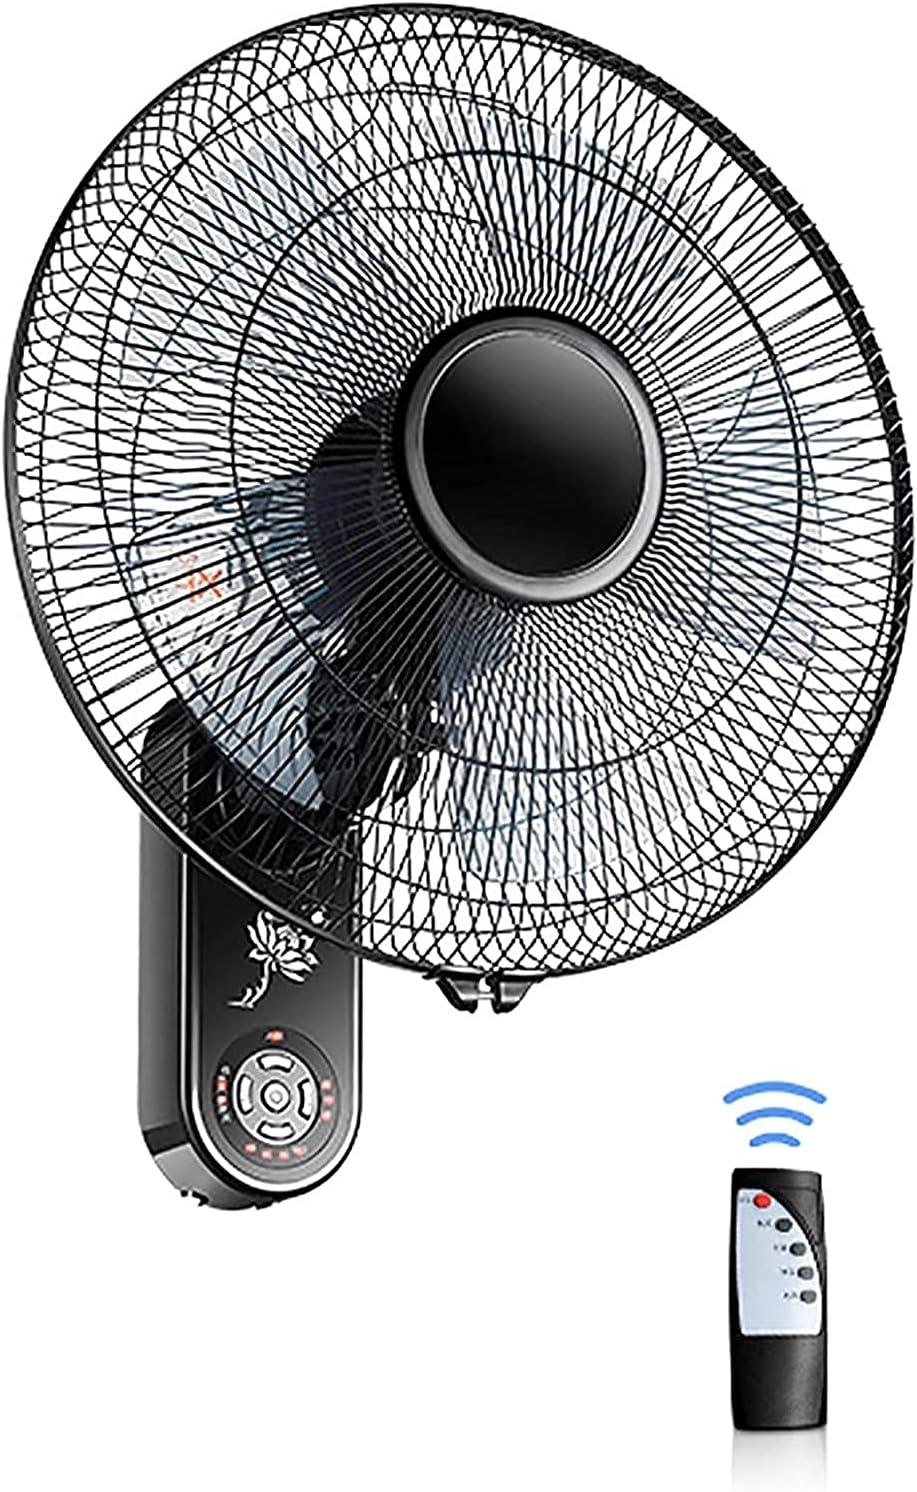 HTDHS Ventilador eléctrico montado en la pared: ventilador eléctrico oscilante de refrigeración con control remoto - 16 pulgadas 220V Ahorro de energía y salud - Adecuado para dormitorio, oficina, gim